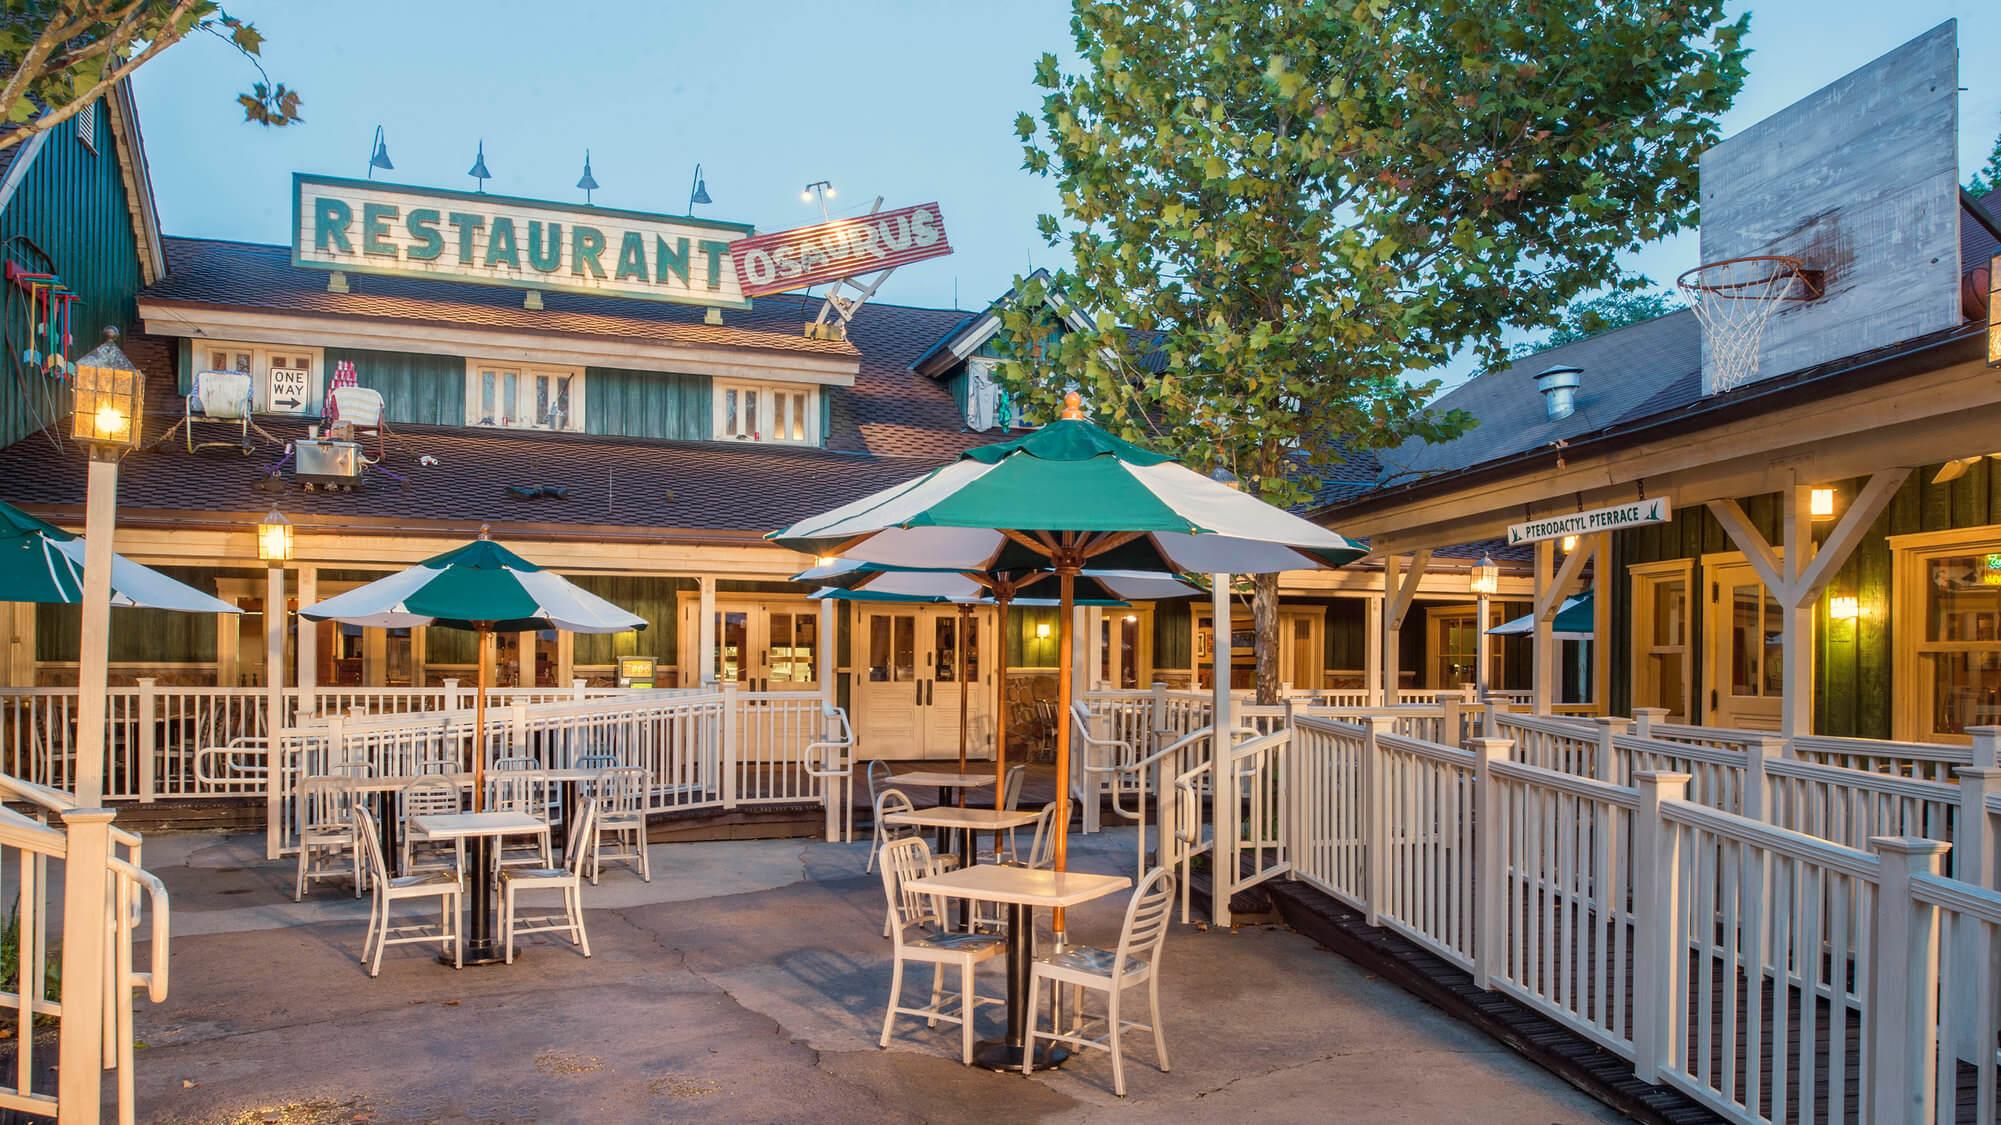 Como pedir comida pelo celular nos restaurantes da Disney Orlando: restaurante Restaurantosaurus